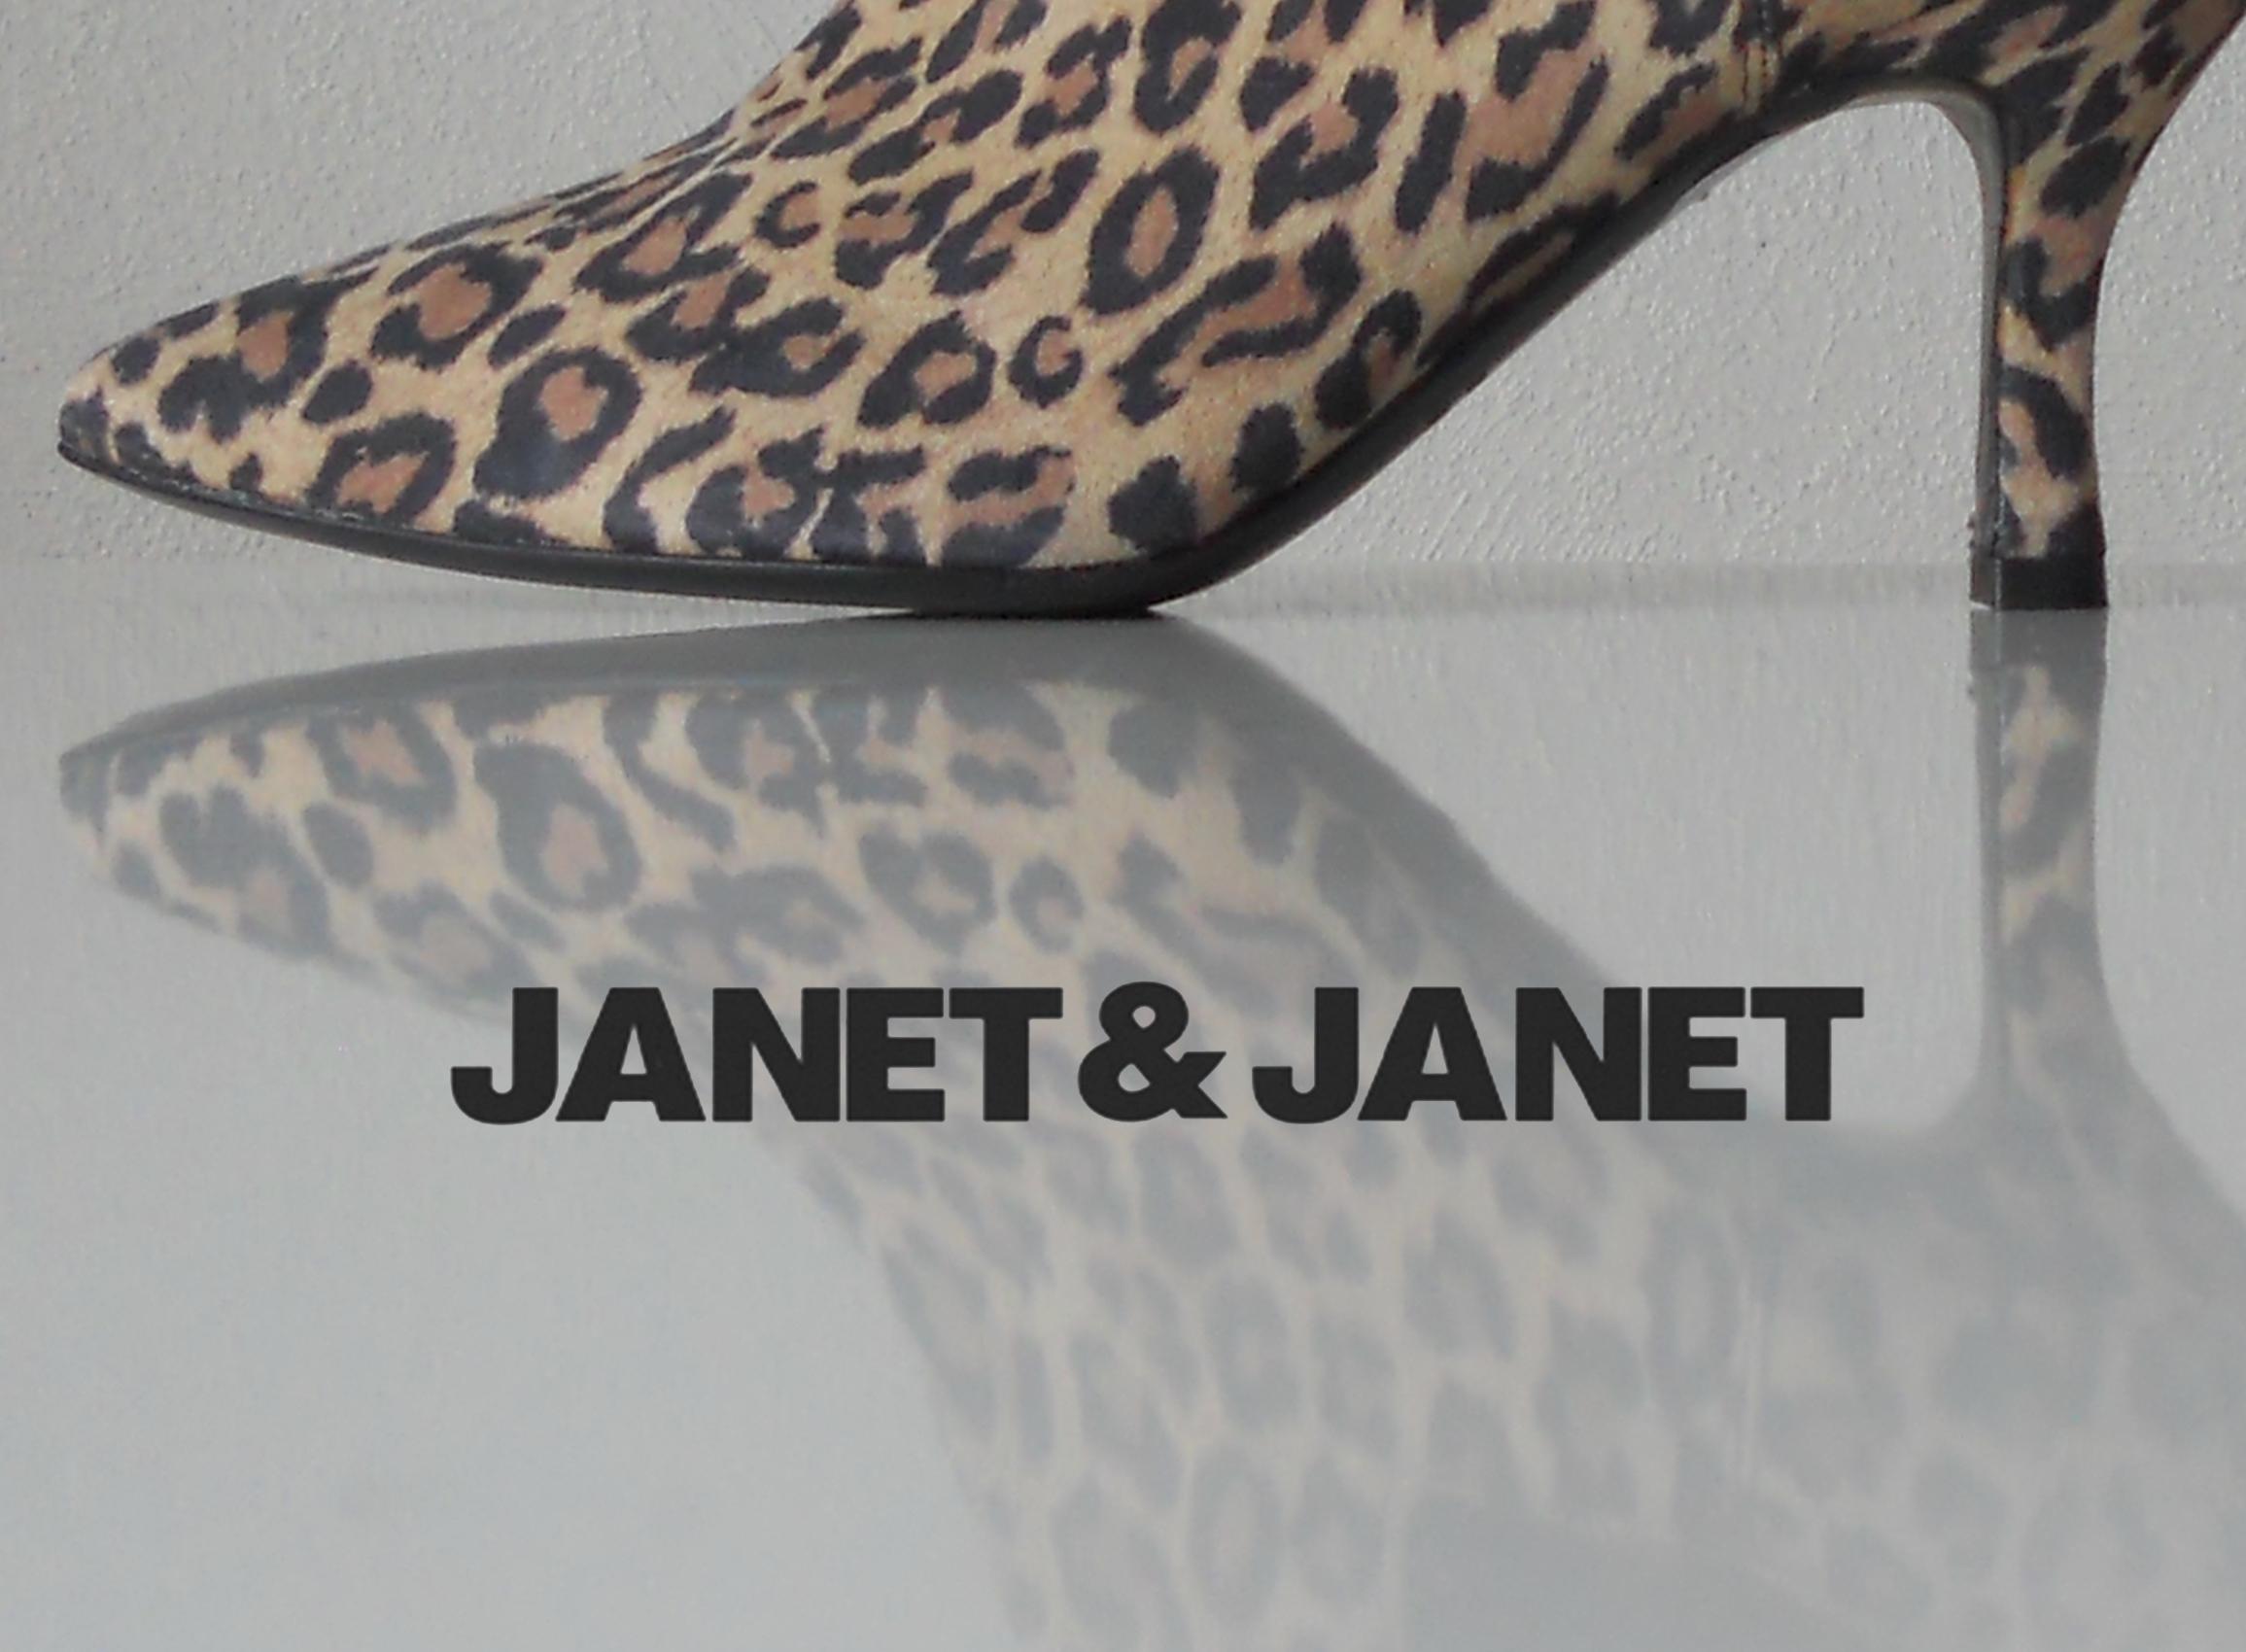 Janet et Janet - bottine chelsea typée léopard chez Chérie Chaussures à Annecy